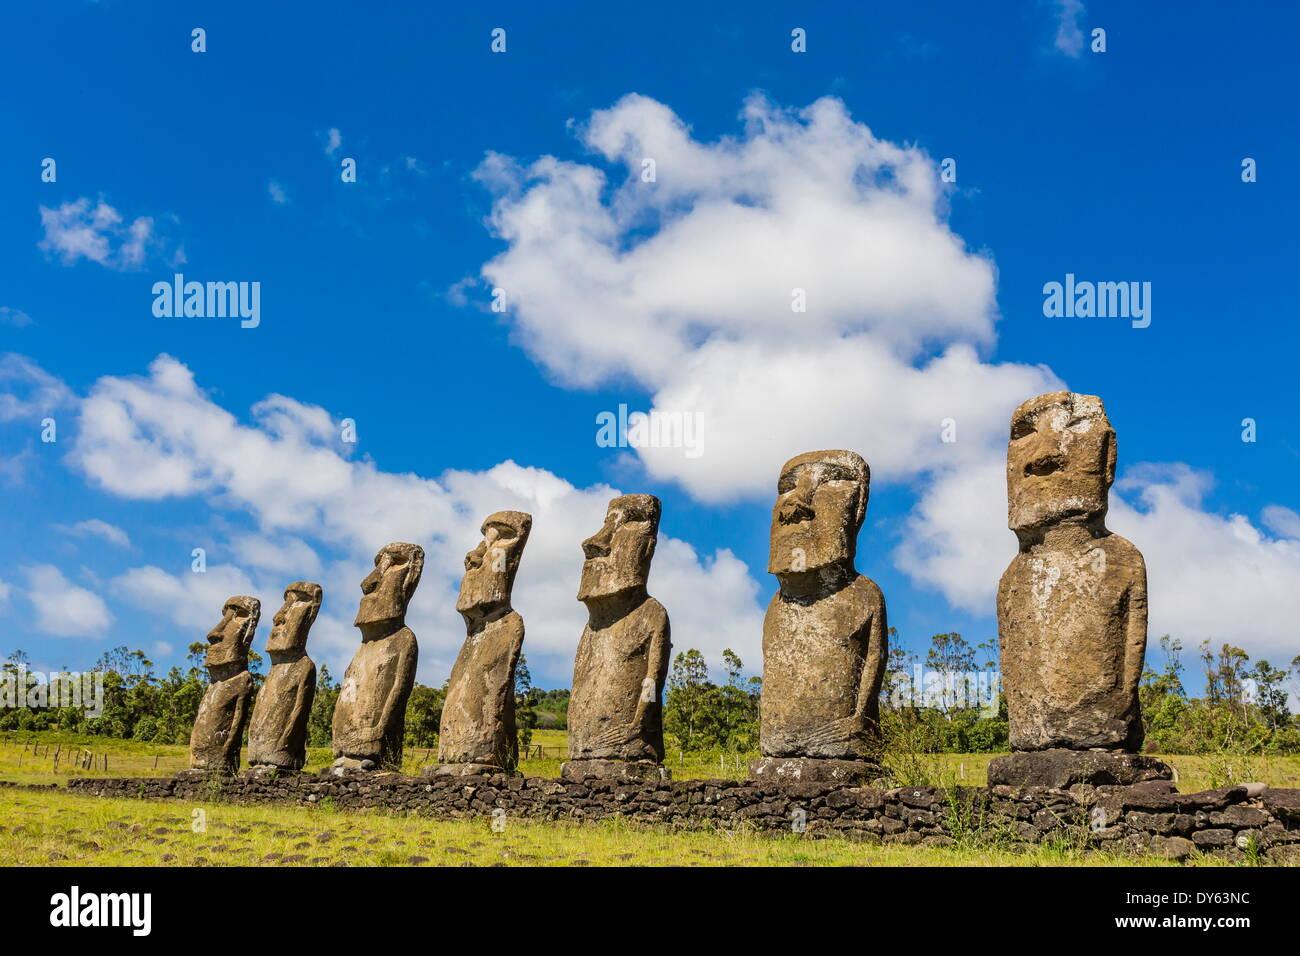 Siete Moai en Ahu Akivi, el primer altar restaurado en la Isla de Pascua (Isla de Pascua) (Rapa Nui), la UNESCO Sitio, Chile Imagen De Stock